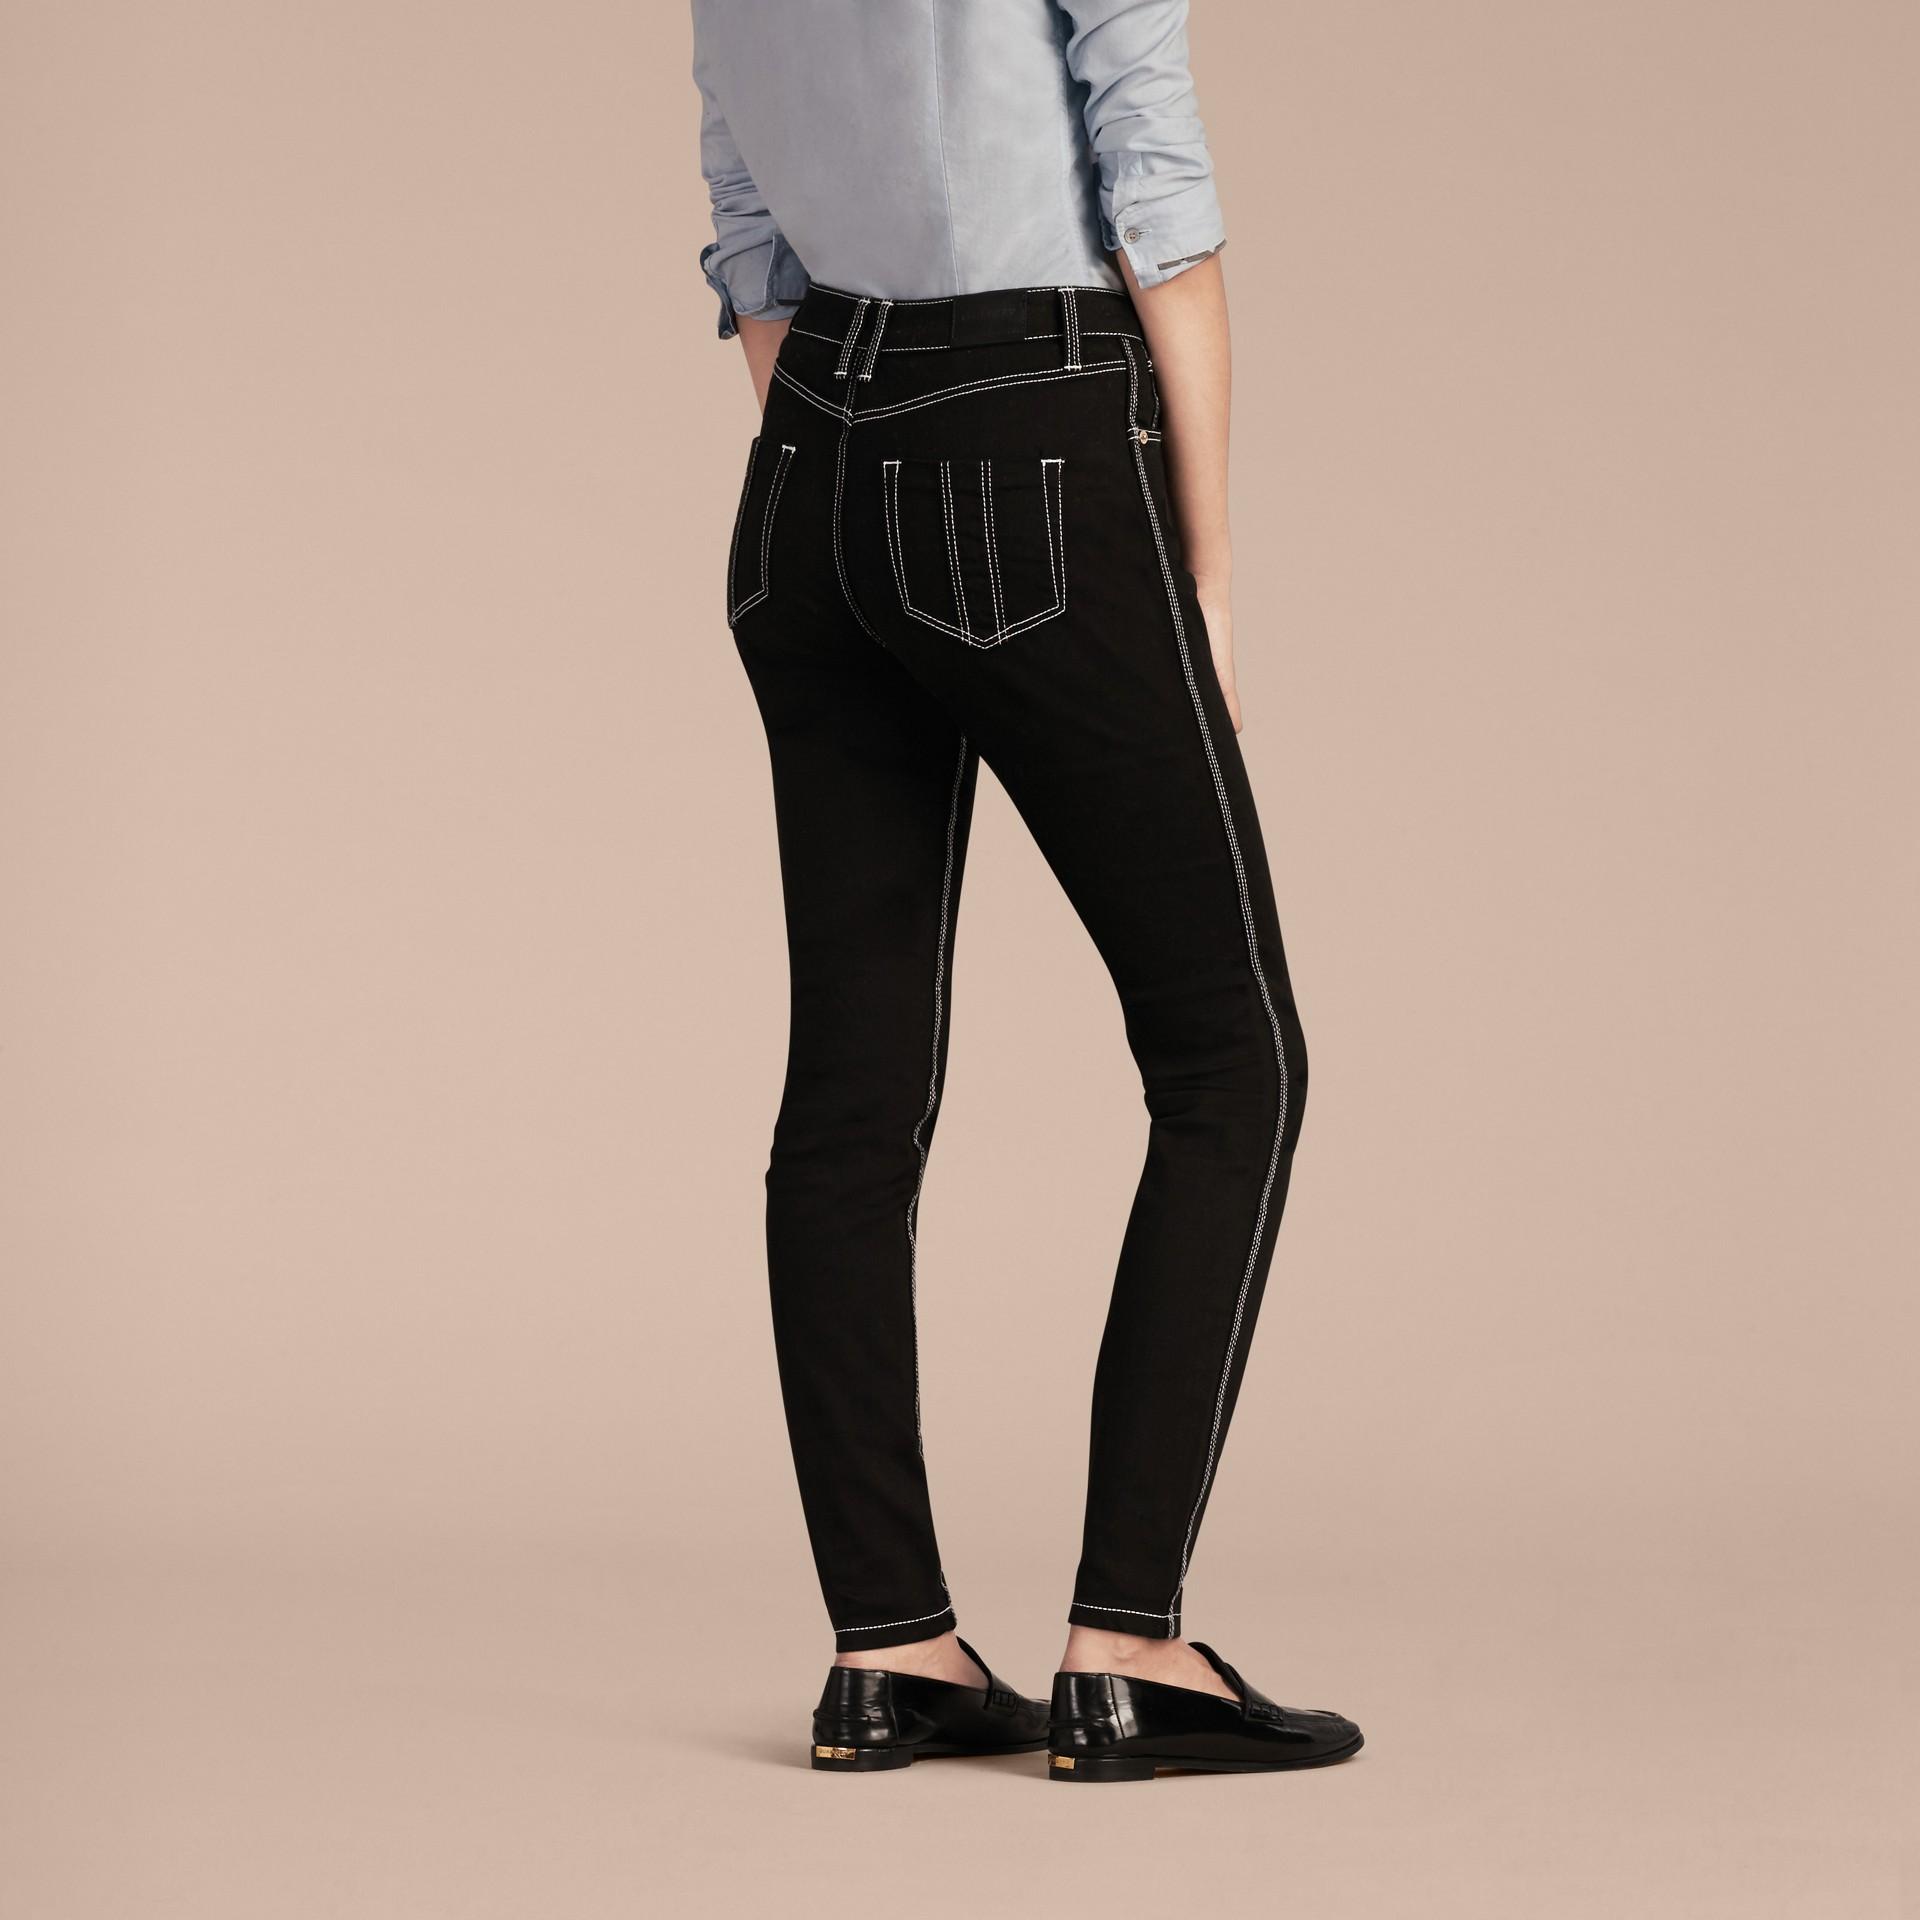 Nero Jeans stretch attillati con impunture a contrasto - immagine della galleria 3